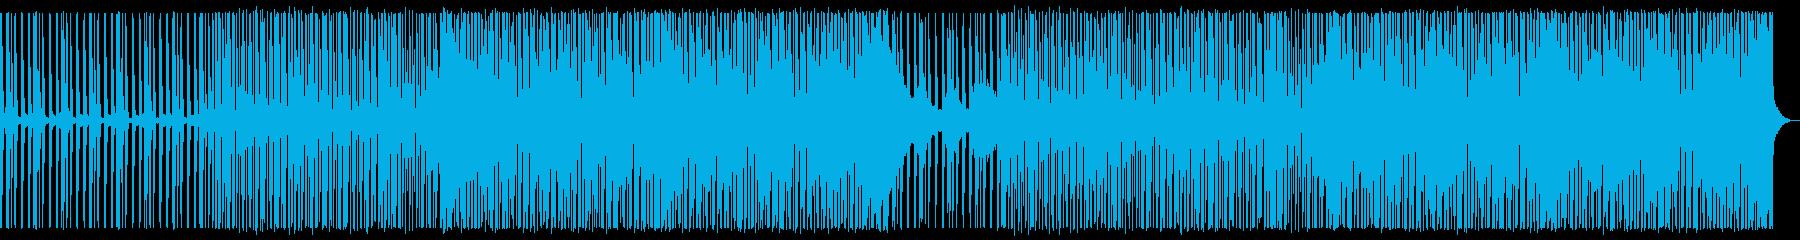 涼しげなディープハウス_No615_1の再生済みの波形